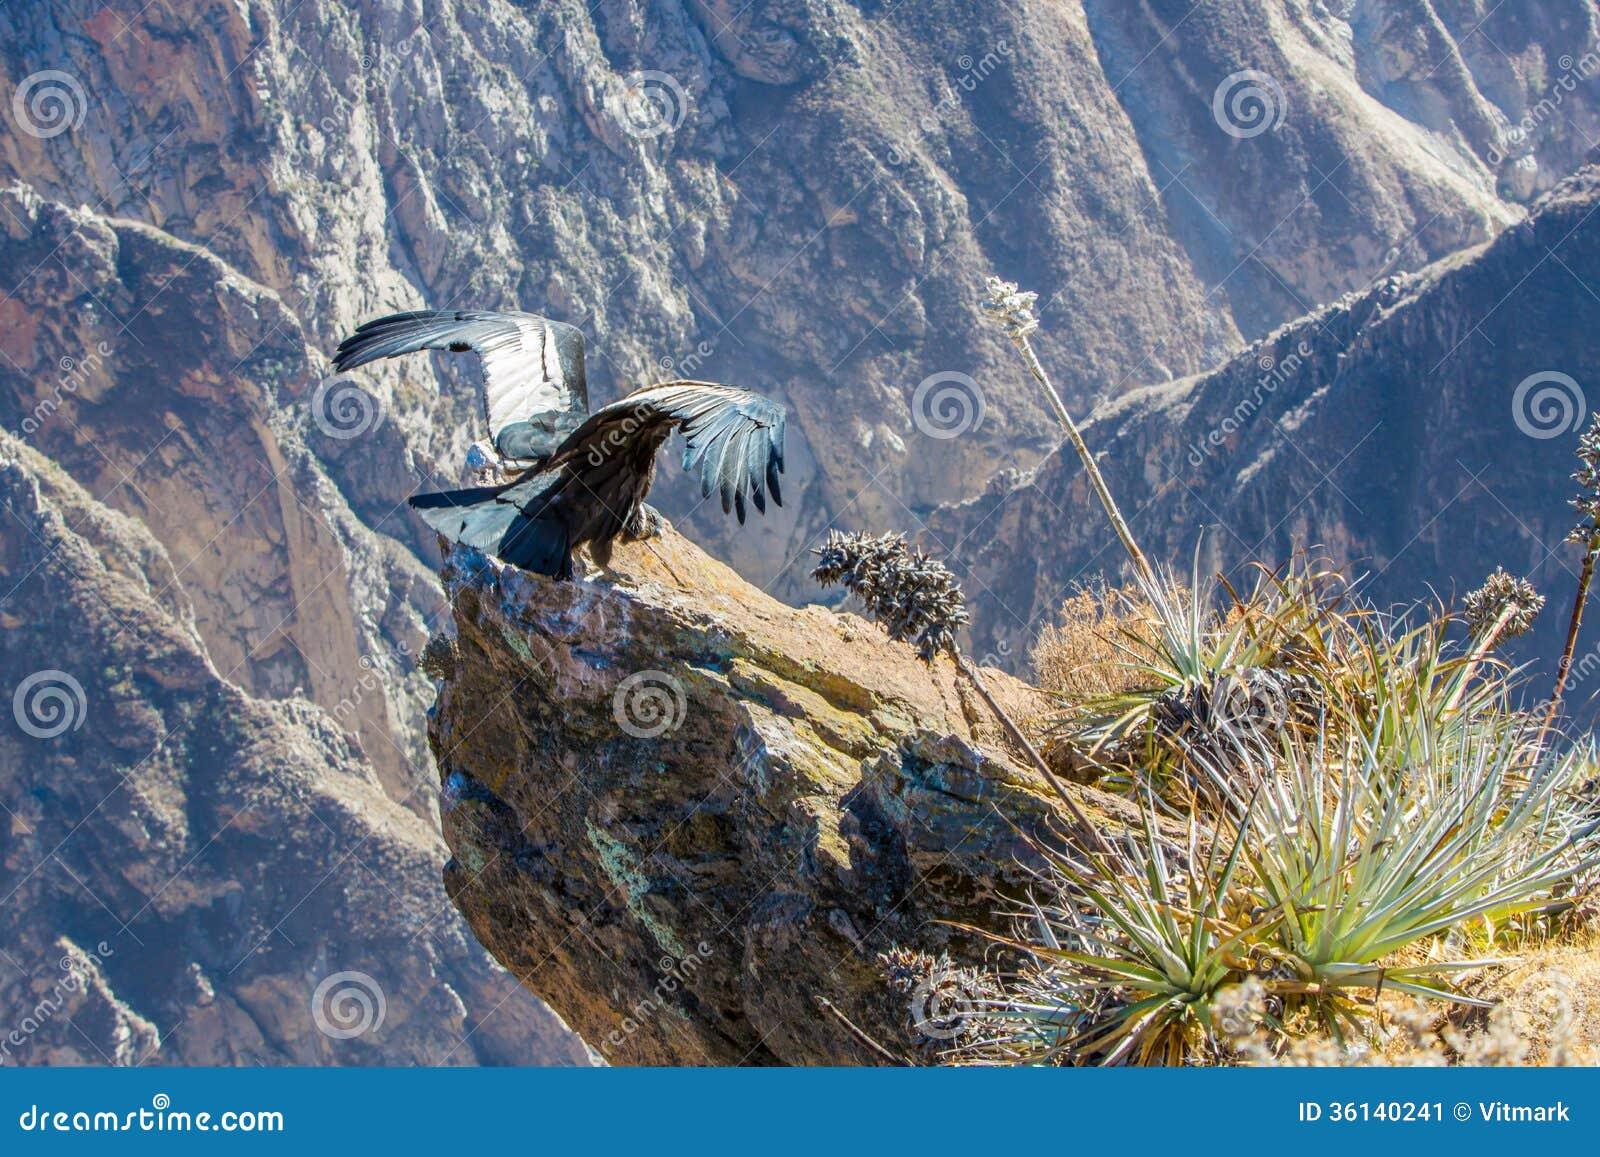 Condor bij Colca-canionzitting, Peru, Zuid-Amerika. Dit is een condor de grootste vliegende vogel